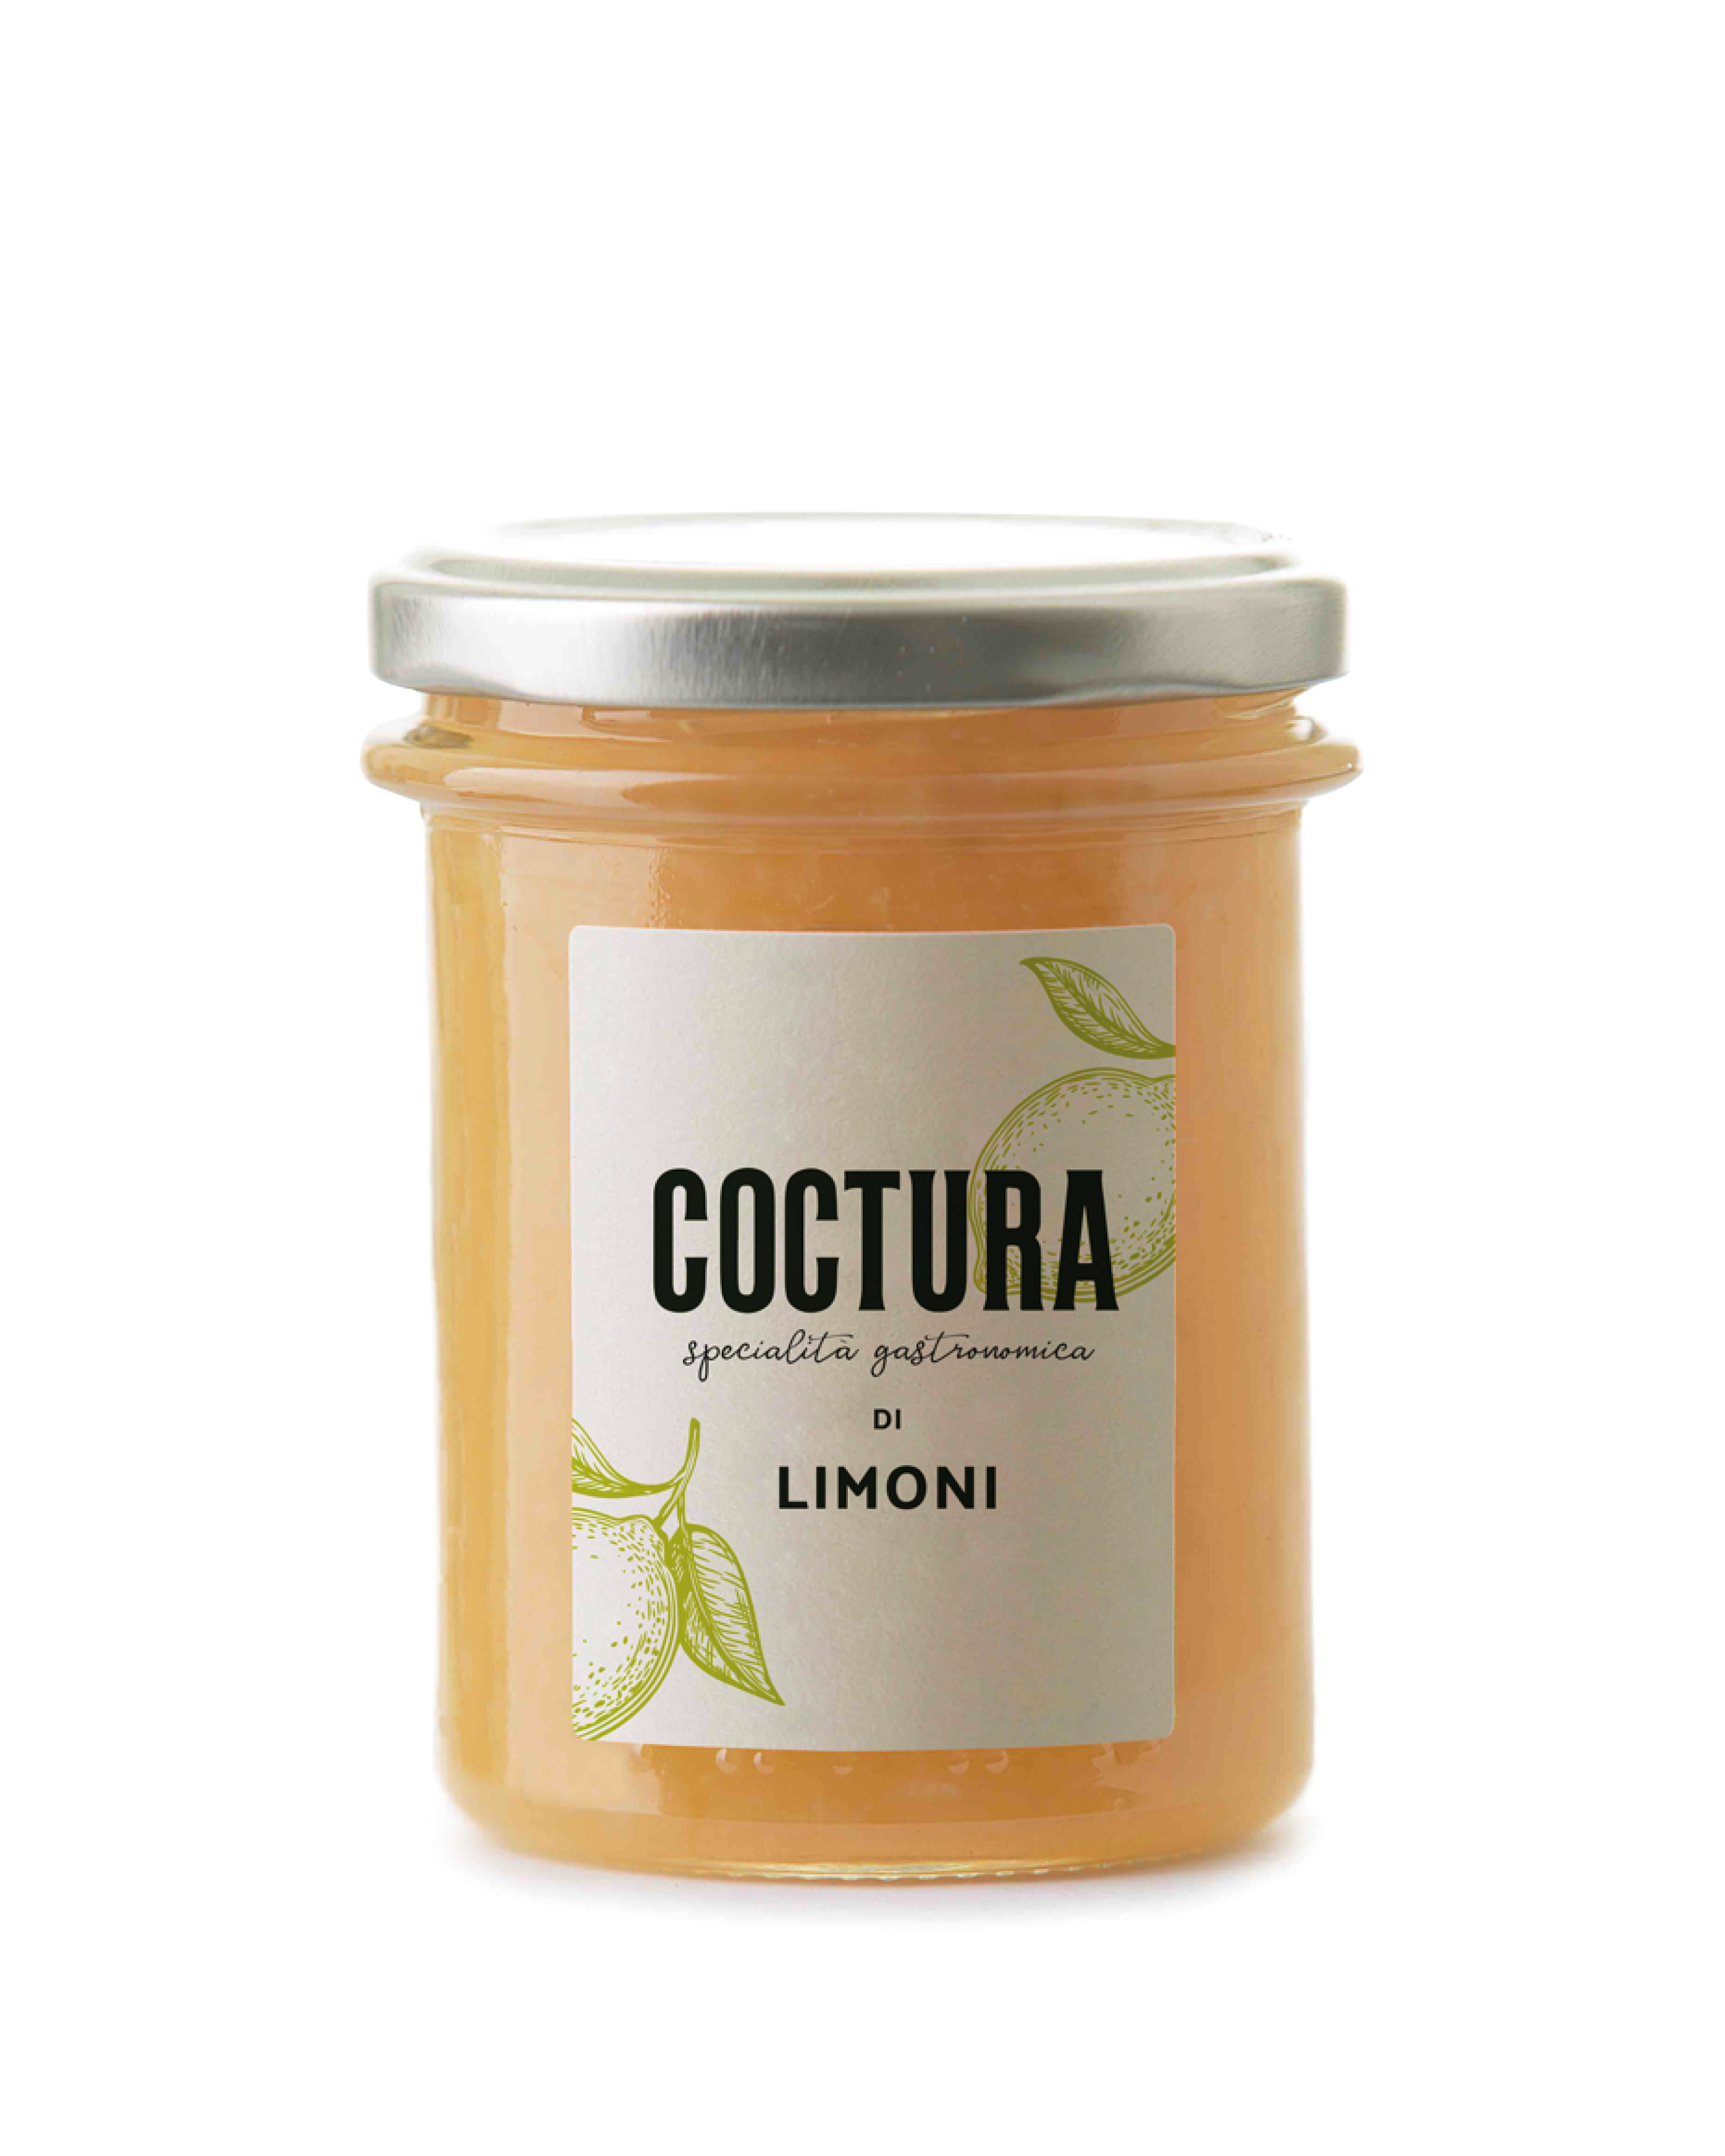 COCTURA - Specialità Gastronomica di Limoni di Sicilia 240g